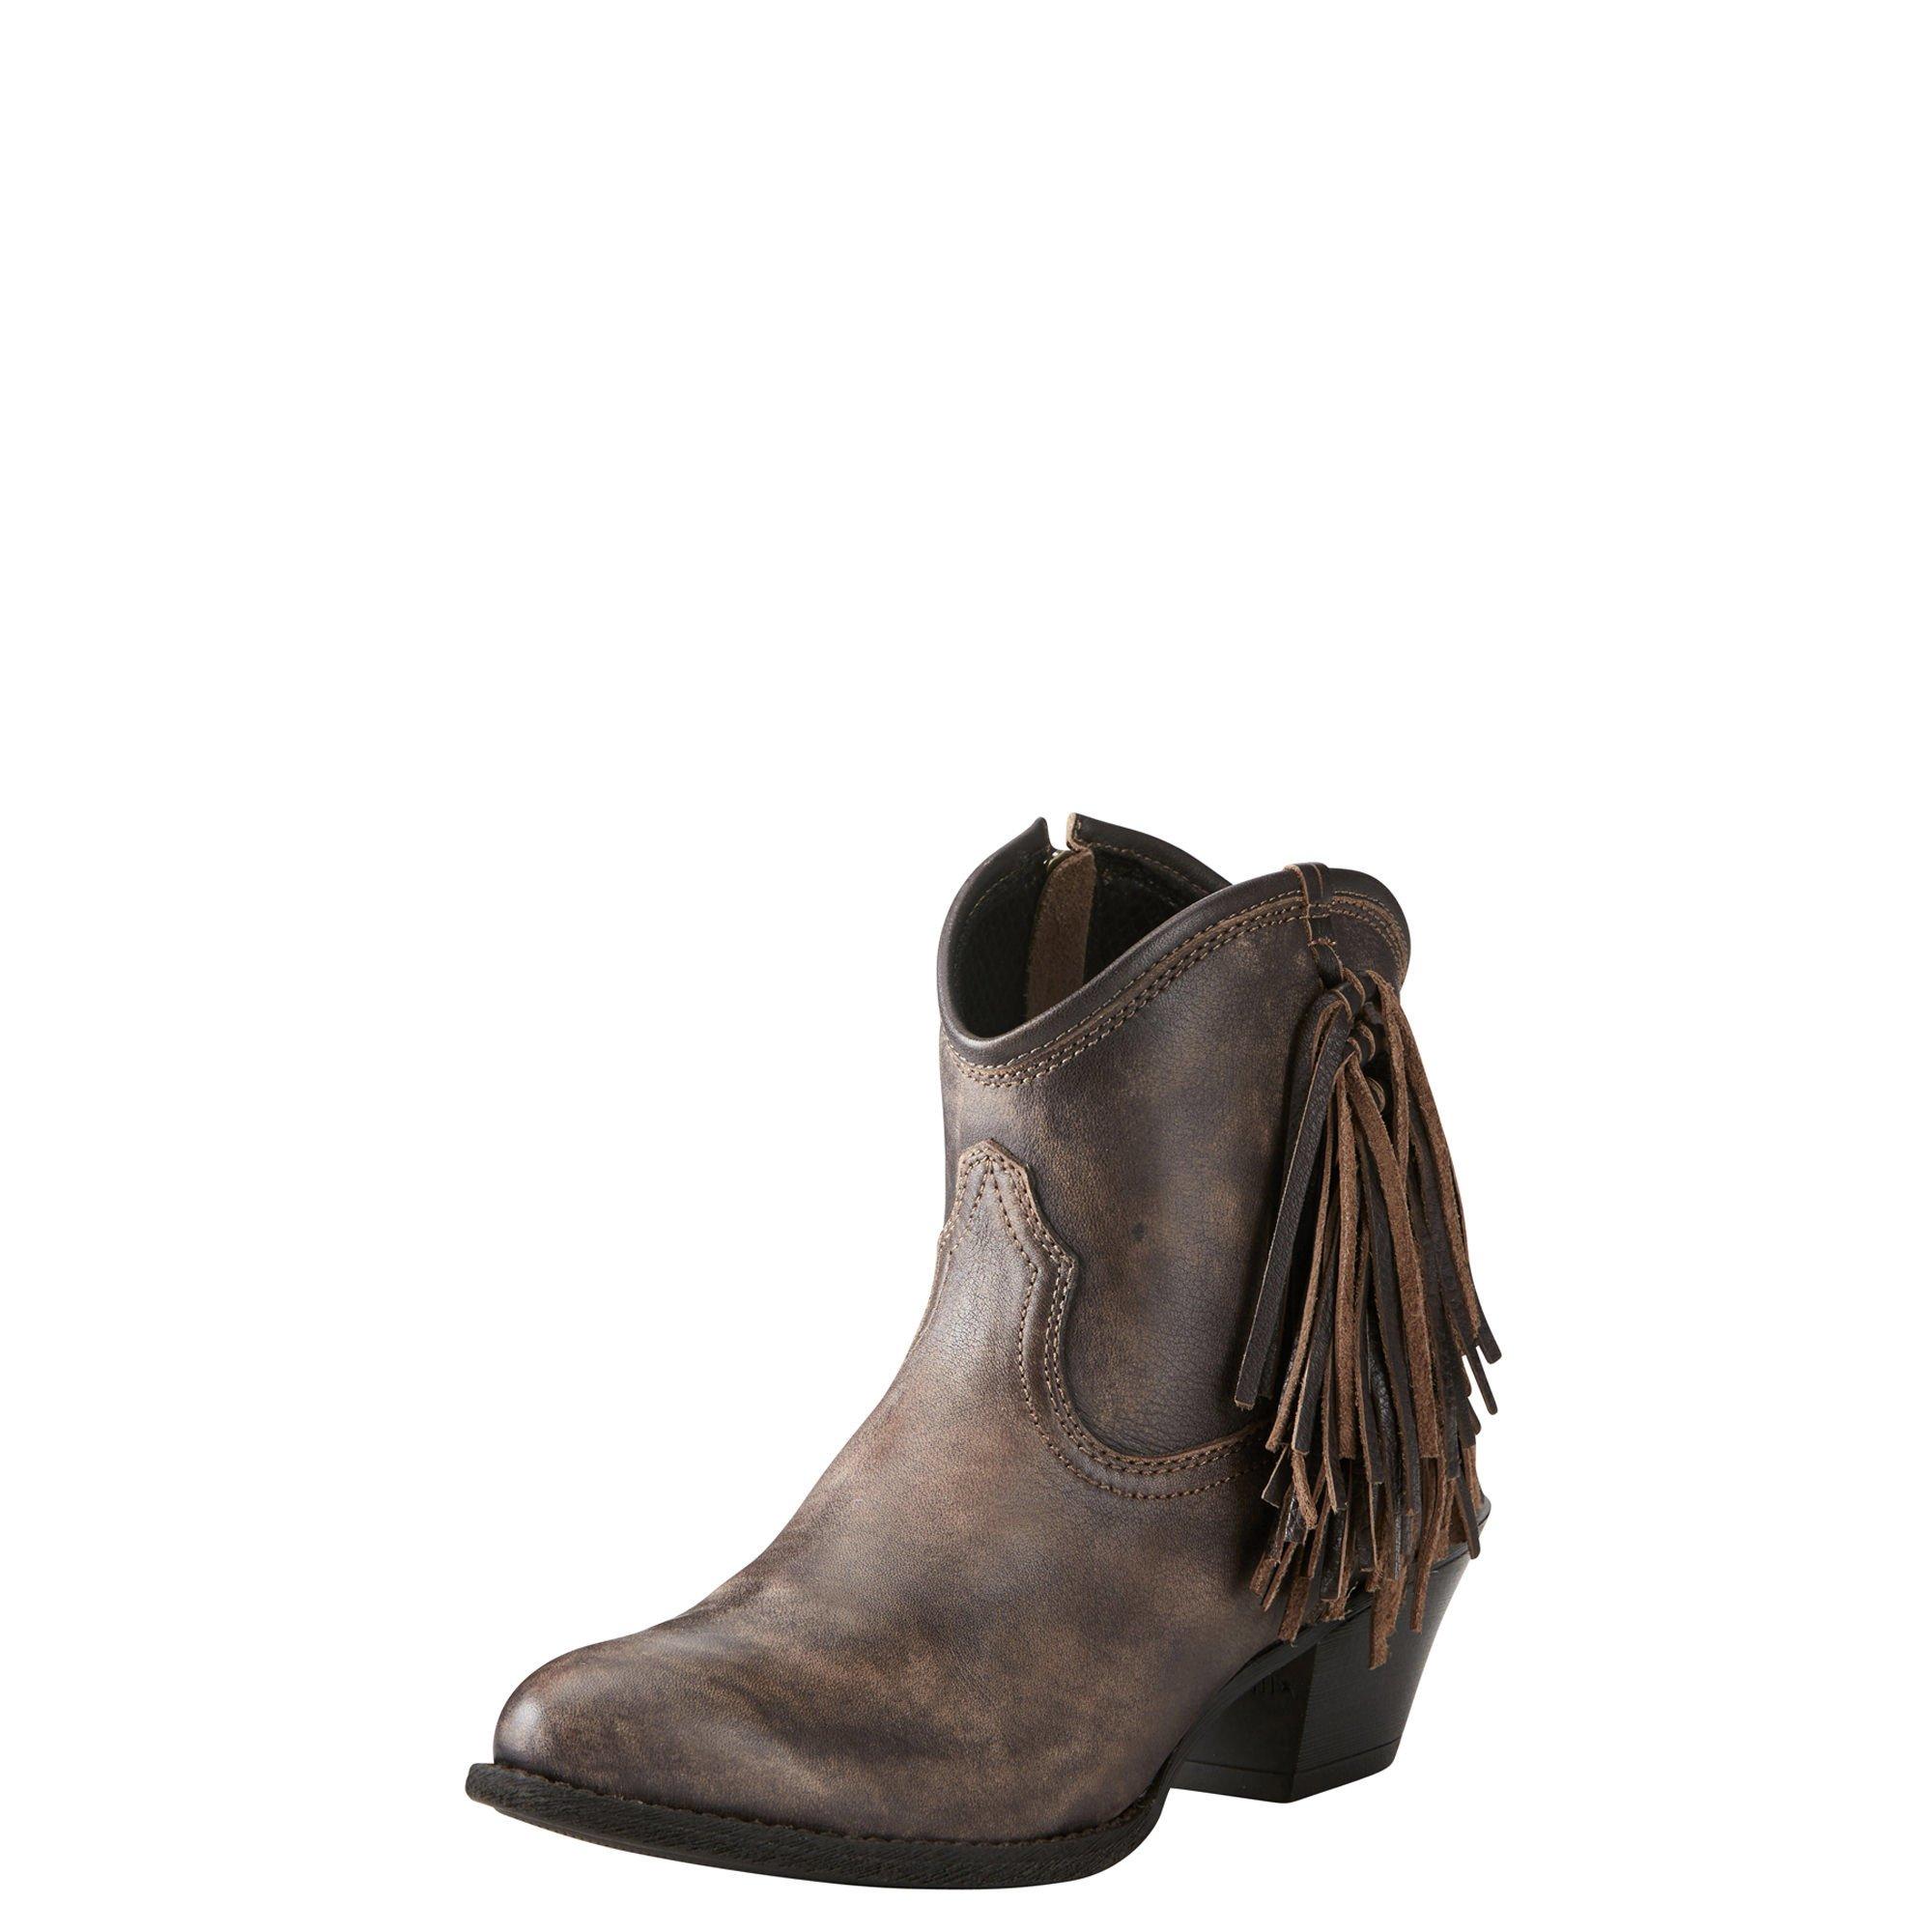 Ariat Women's Duchess Work Boot, Tack Room Chocolate, 10 B US